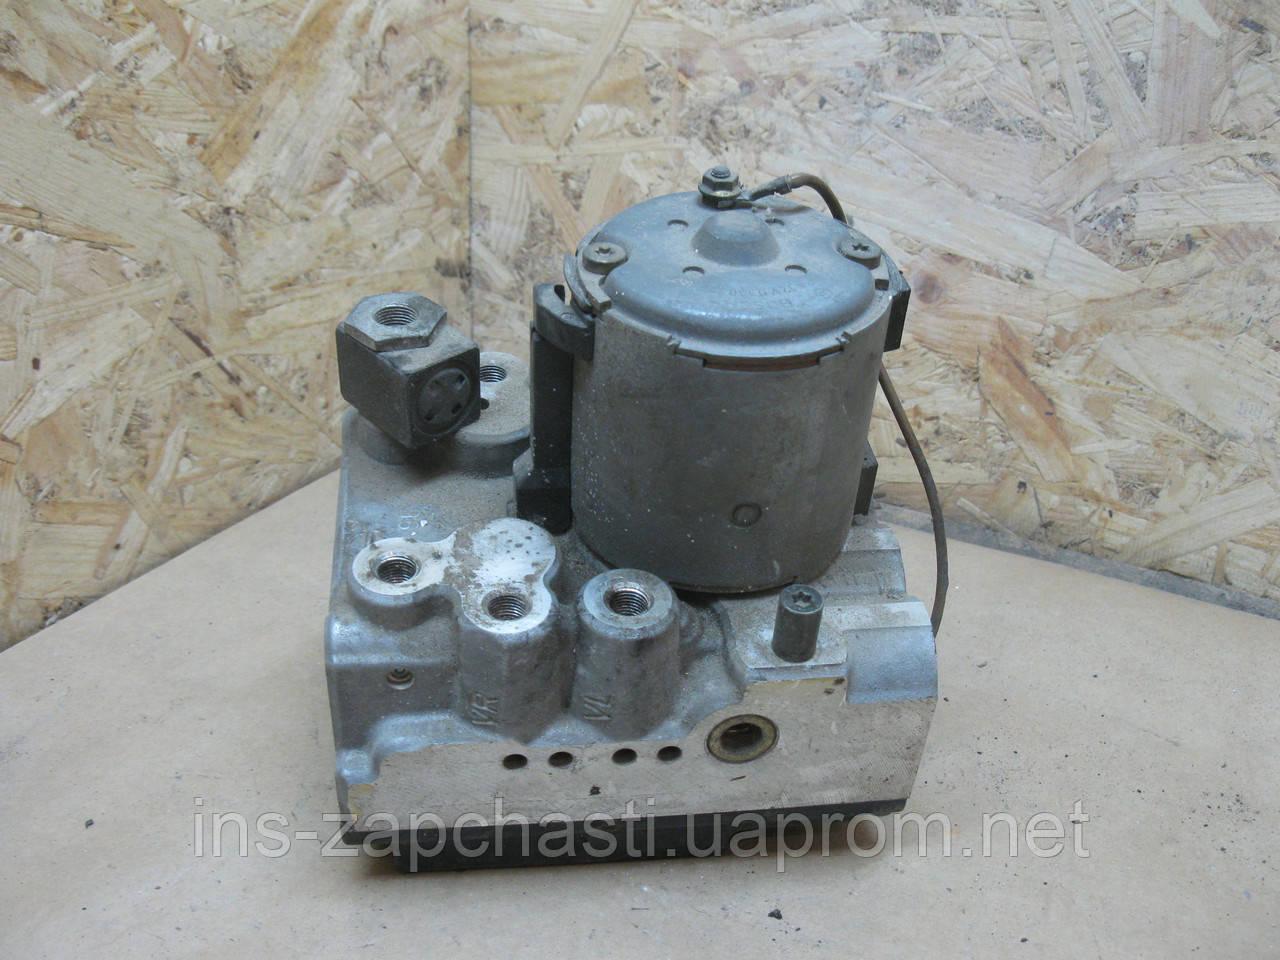 256217007 Блок управления ABS MERCEDES BENZ E 200-430 (W210)